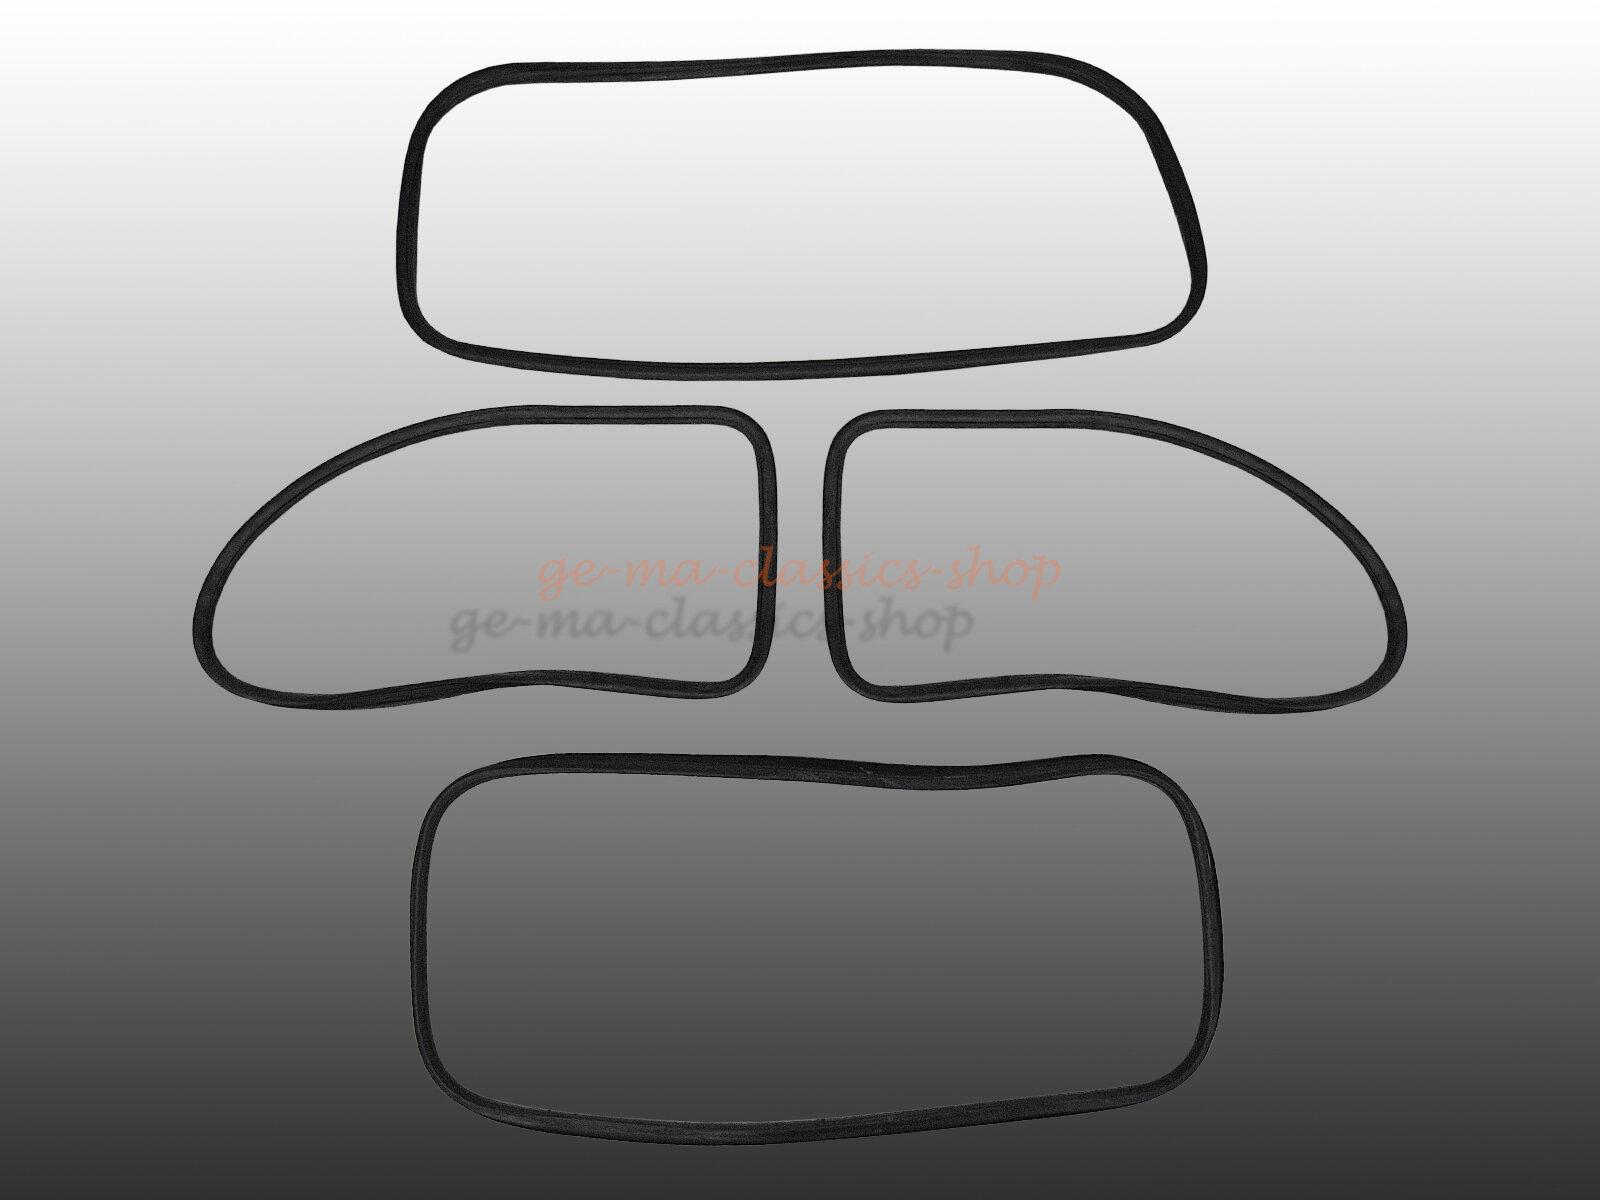 Scheibendichtsatz für VW Käfer 1302 ab 71 ohne Nut